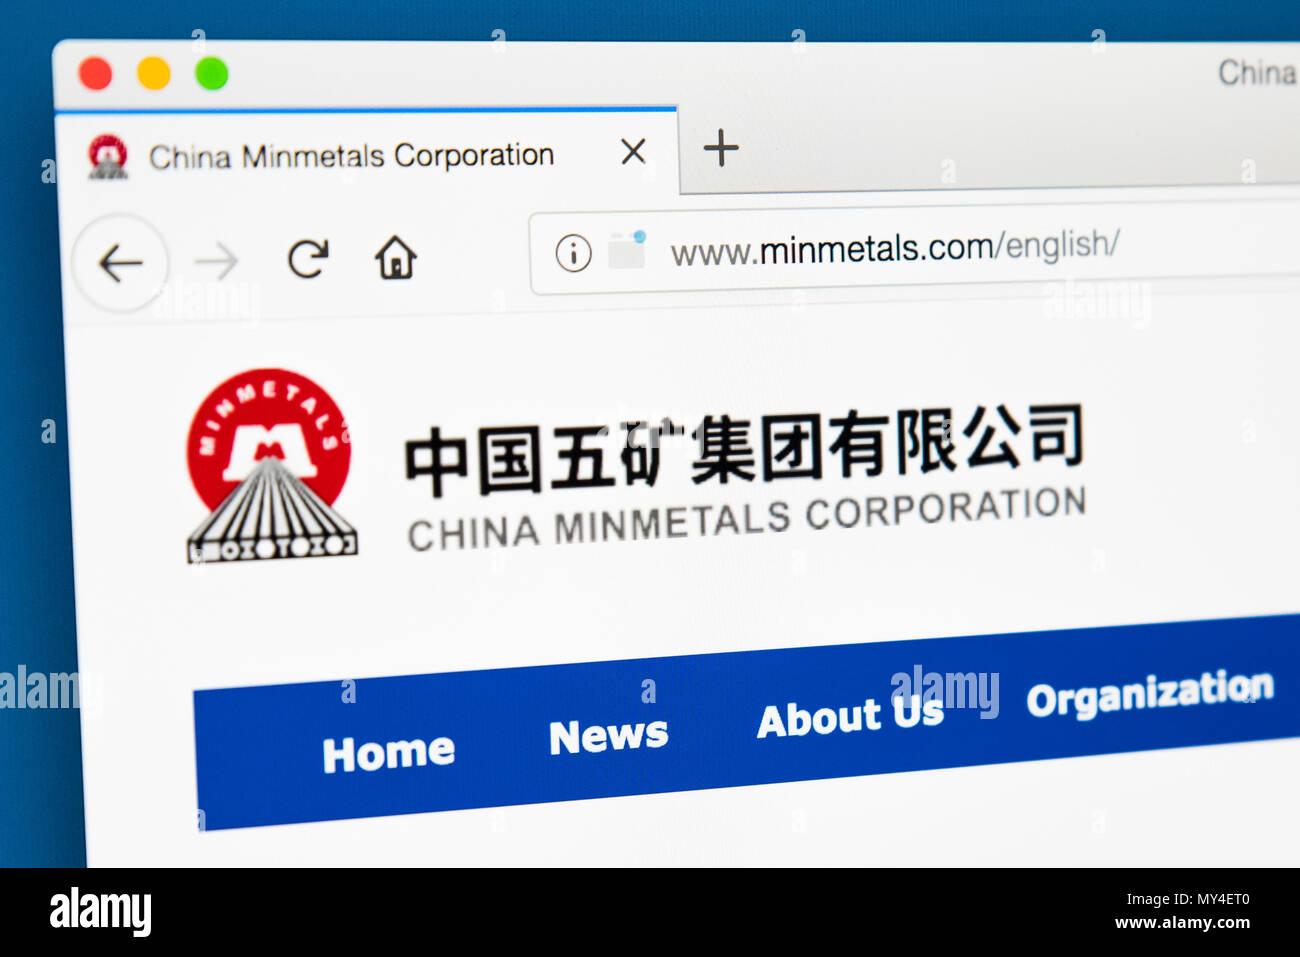 China Minmetals Stock Photos & China Minmetals Stock Images - Alamy